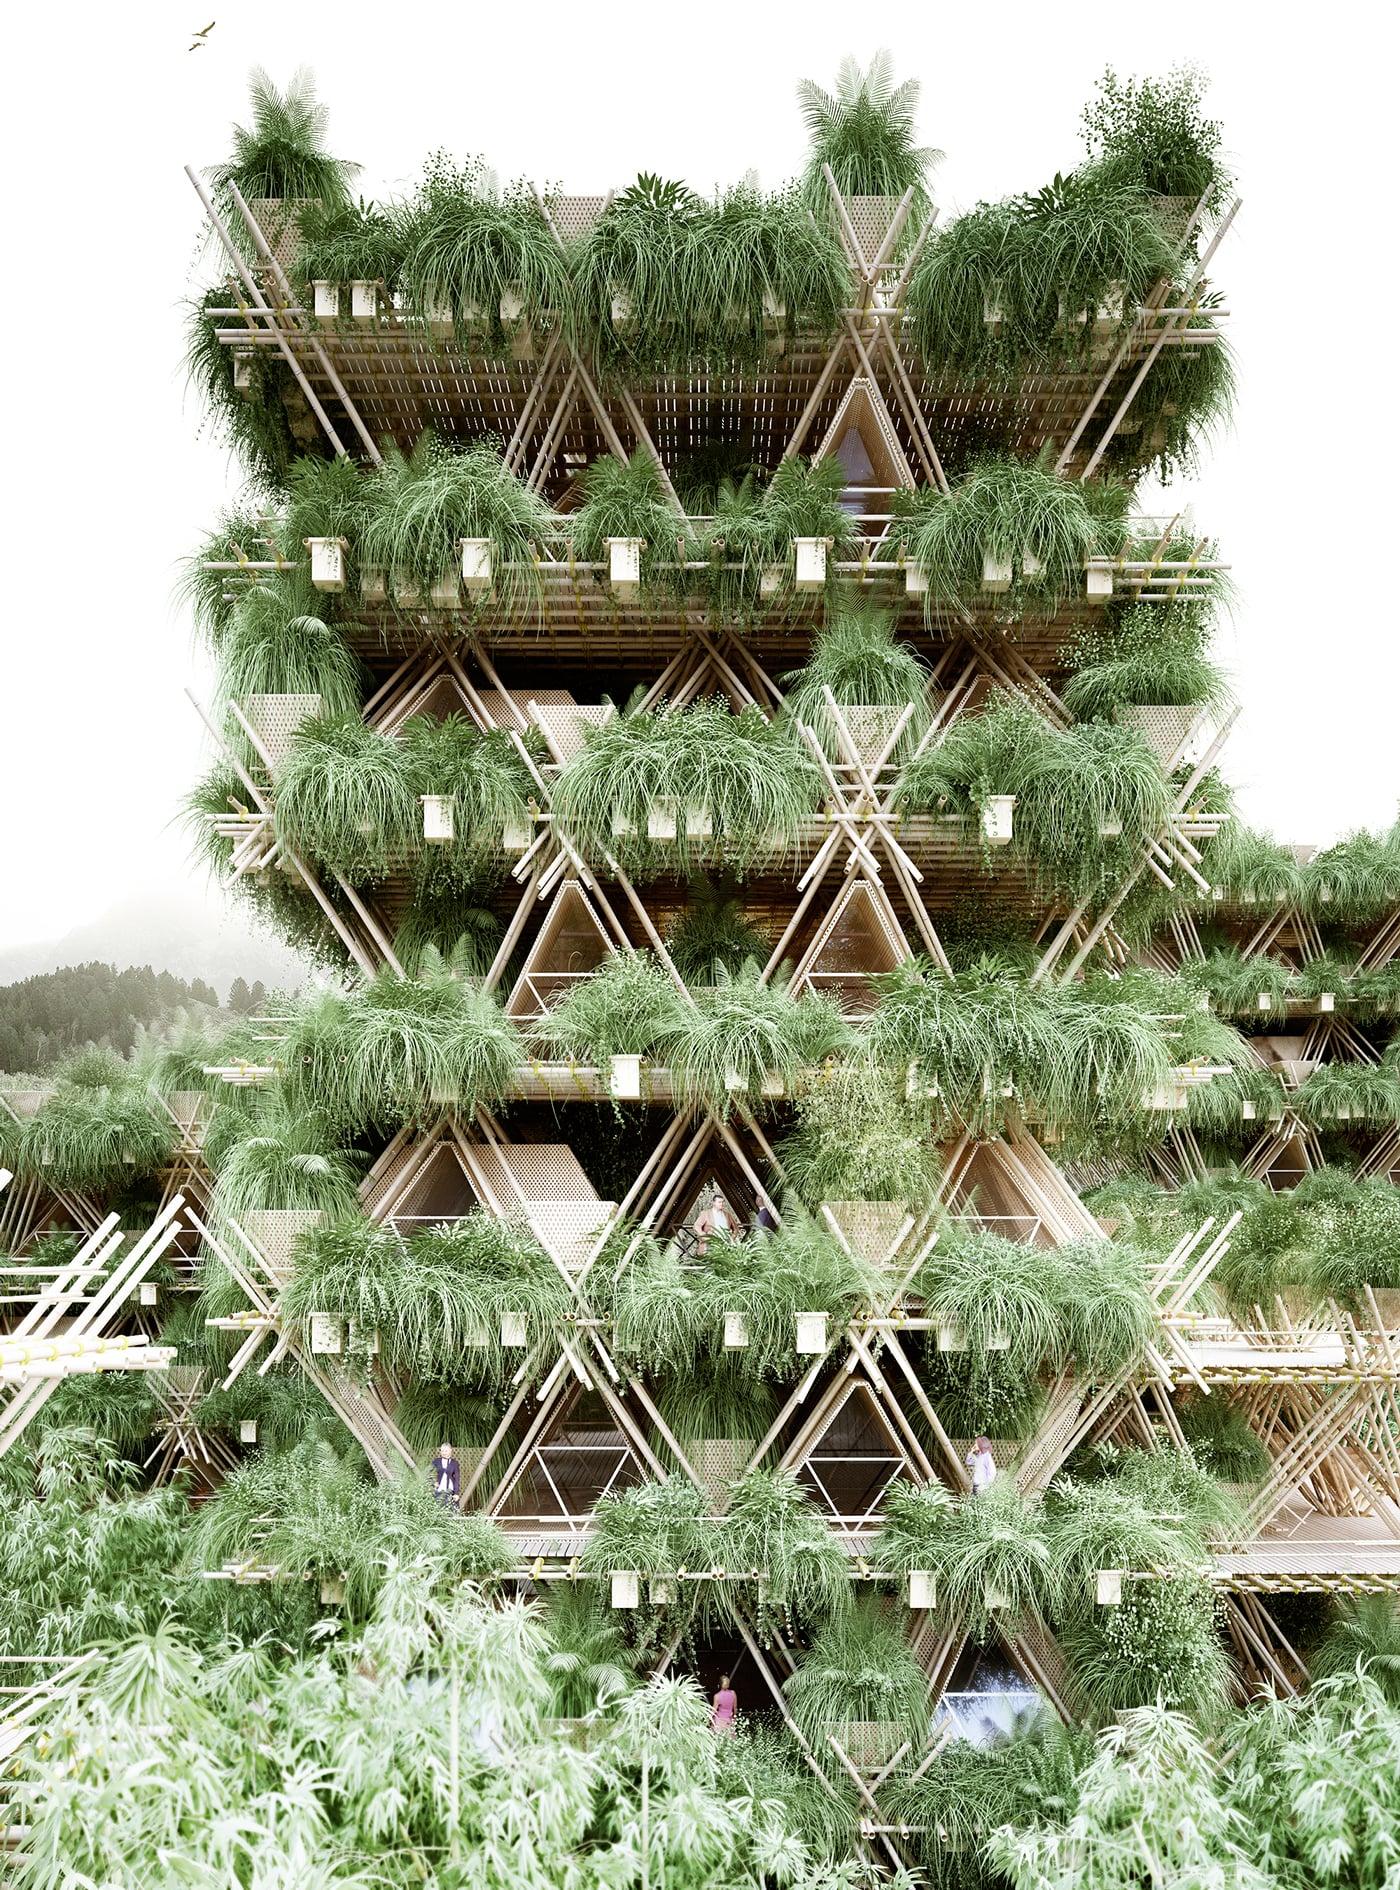 Rising Canes by Chris Precht – Austria